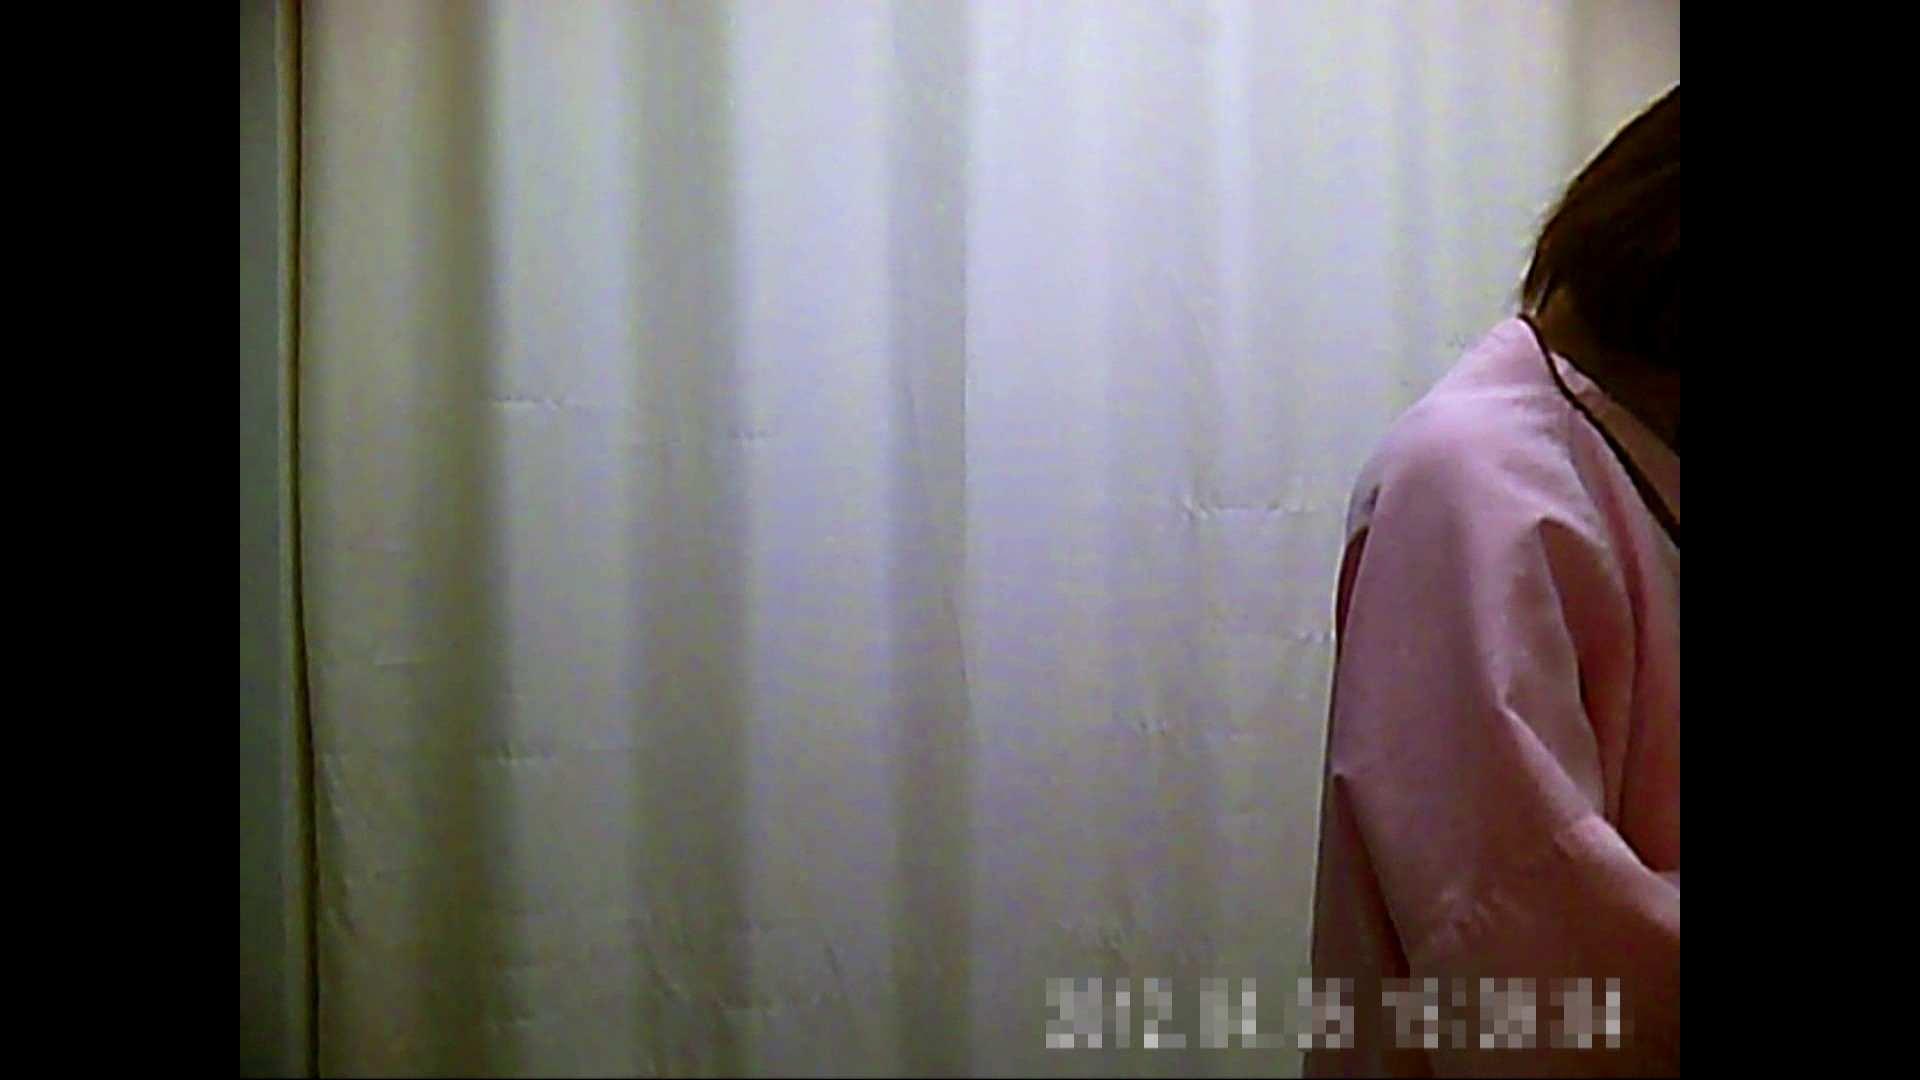 元医者による反抗 更衣室地獄絵巻 vol.021 OLハメ撮り  70Pix 3